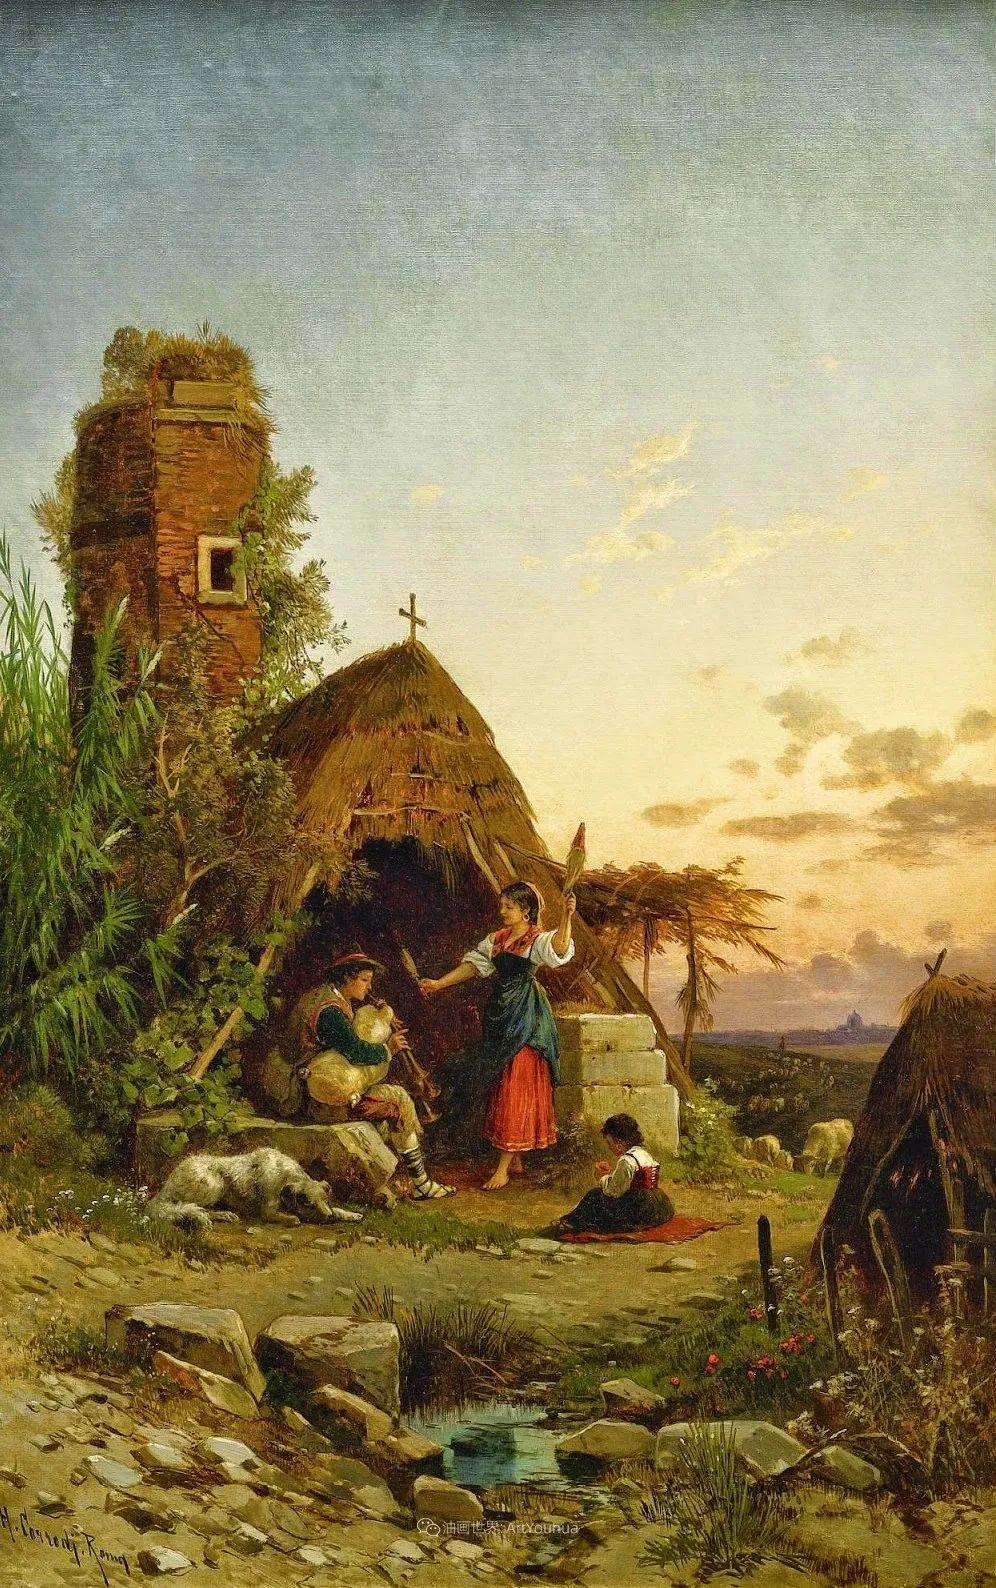 百年前的巨幅风景画,恢弘壮丽!插图65